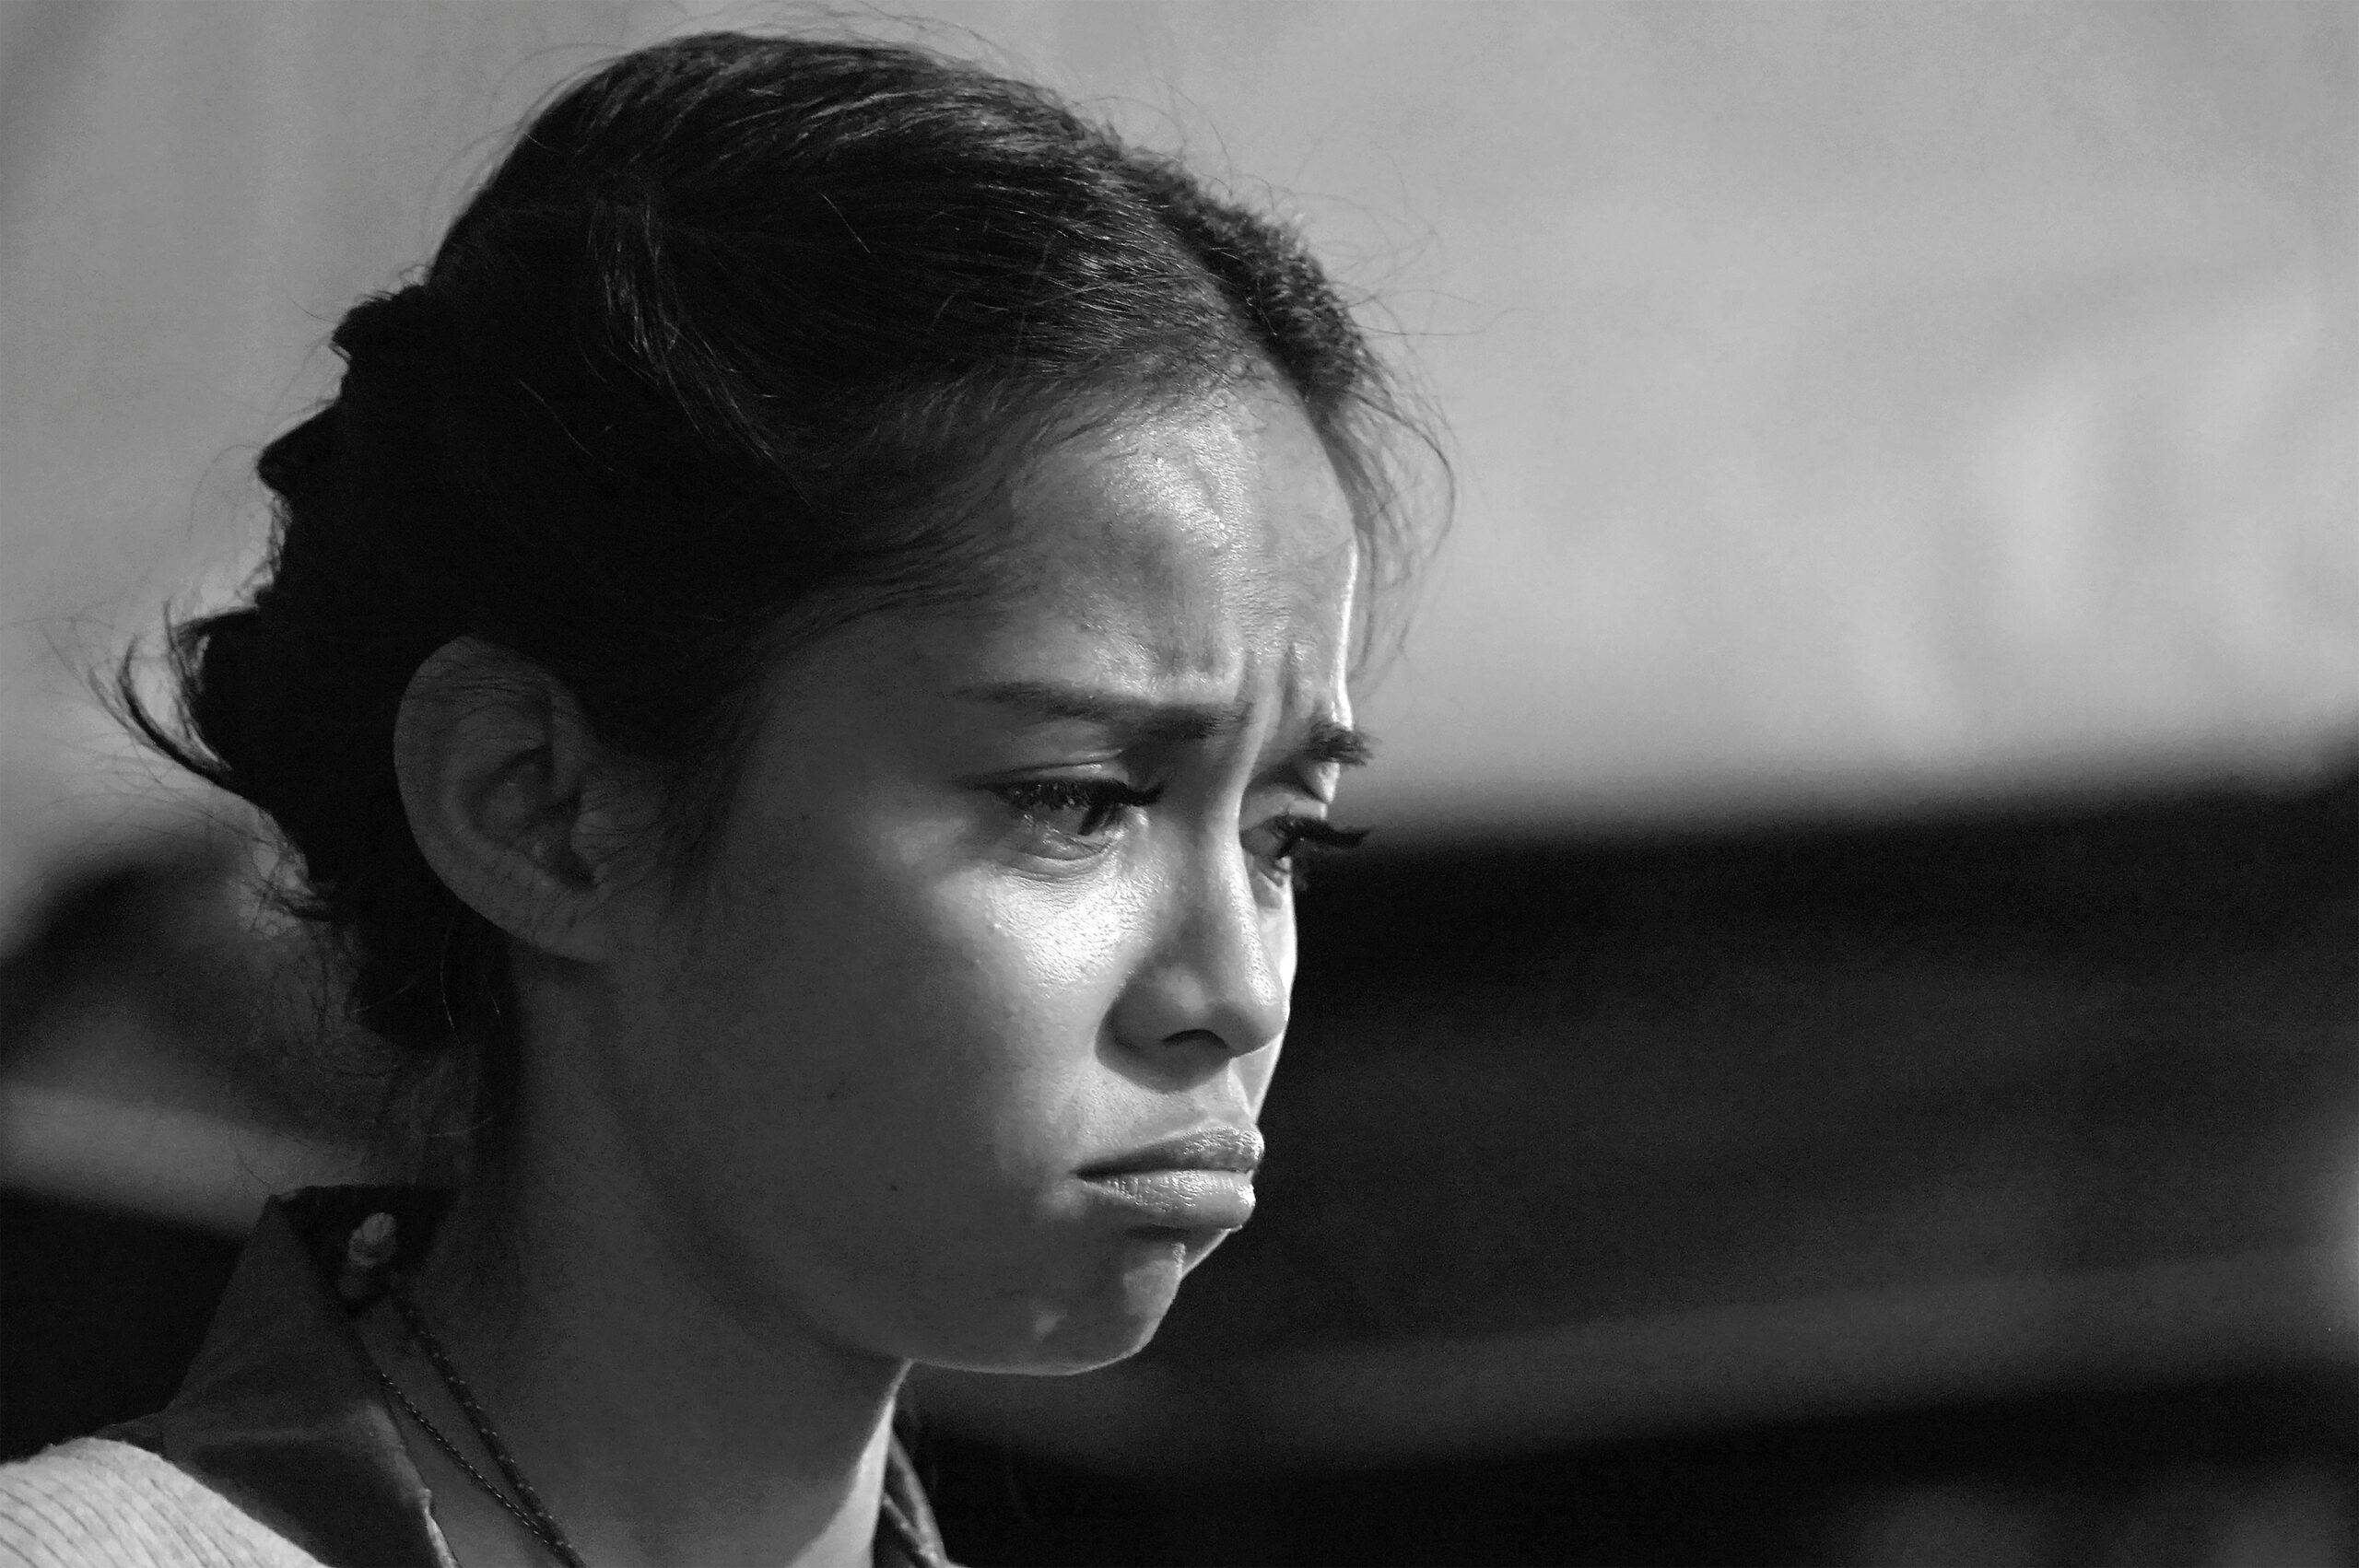 Asian sad